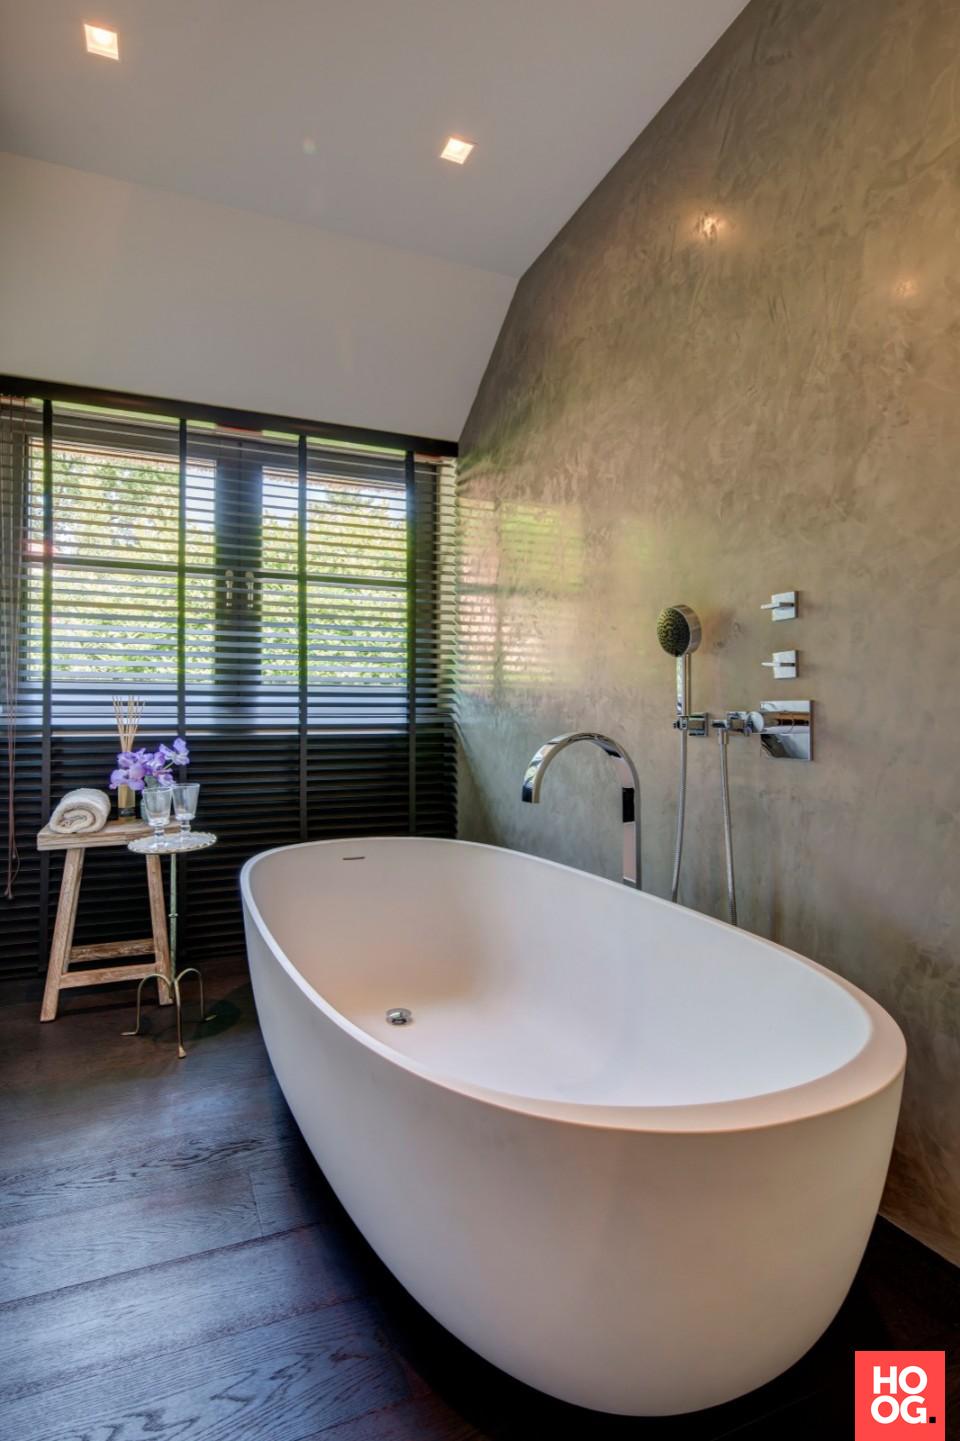 Badkamer inrichting met luxe ligbad | badkamer ideeen | design ...